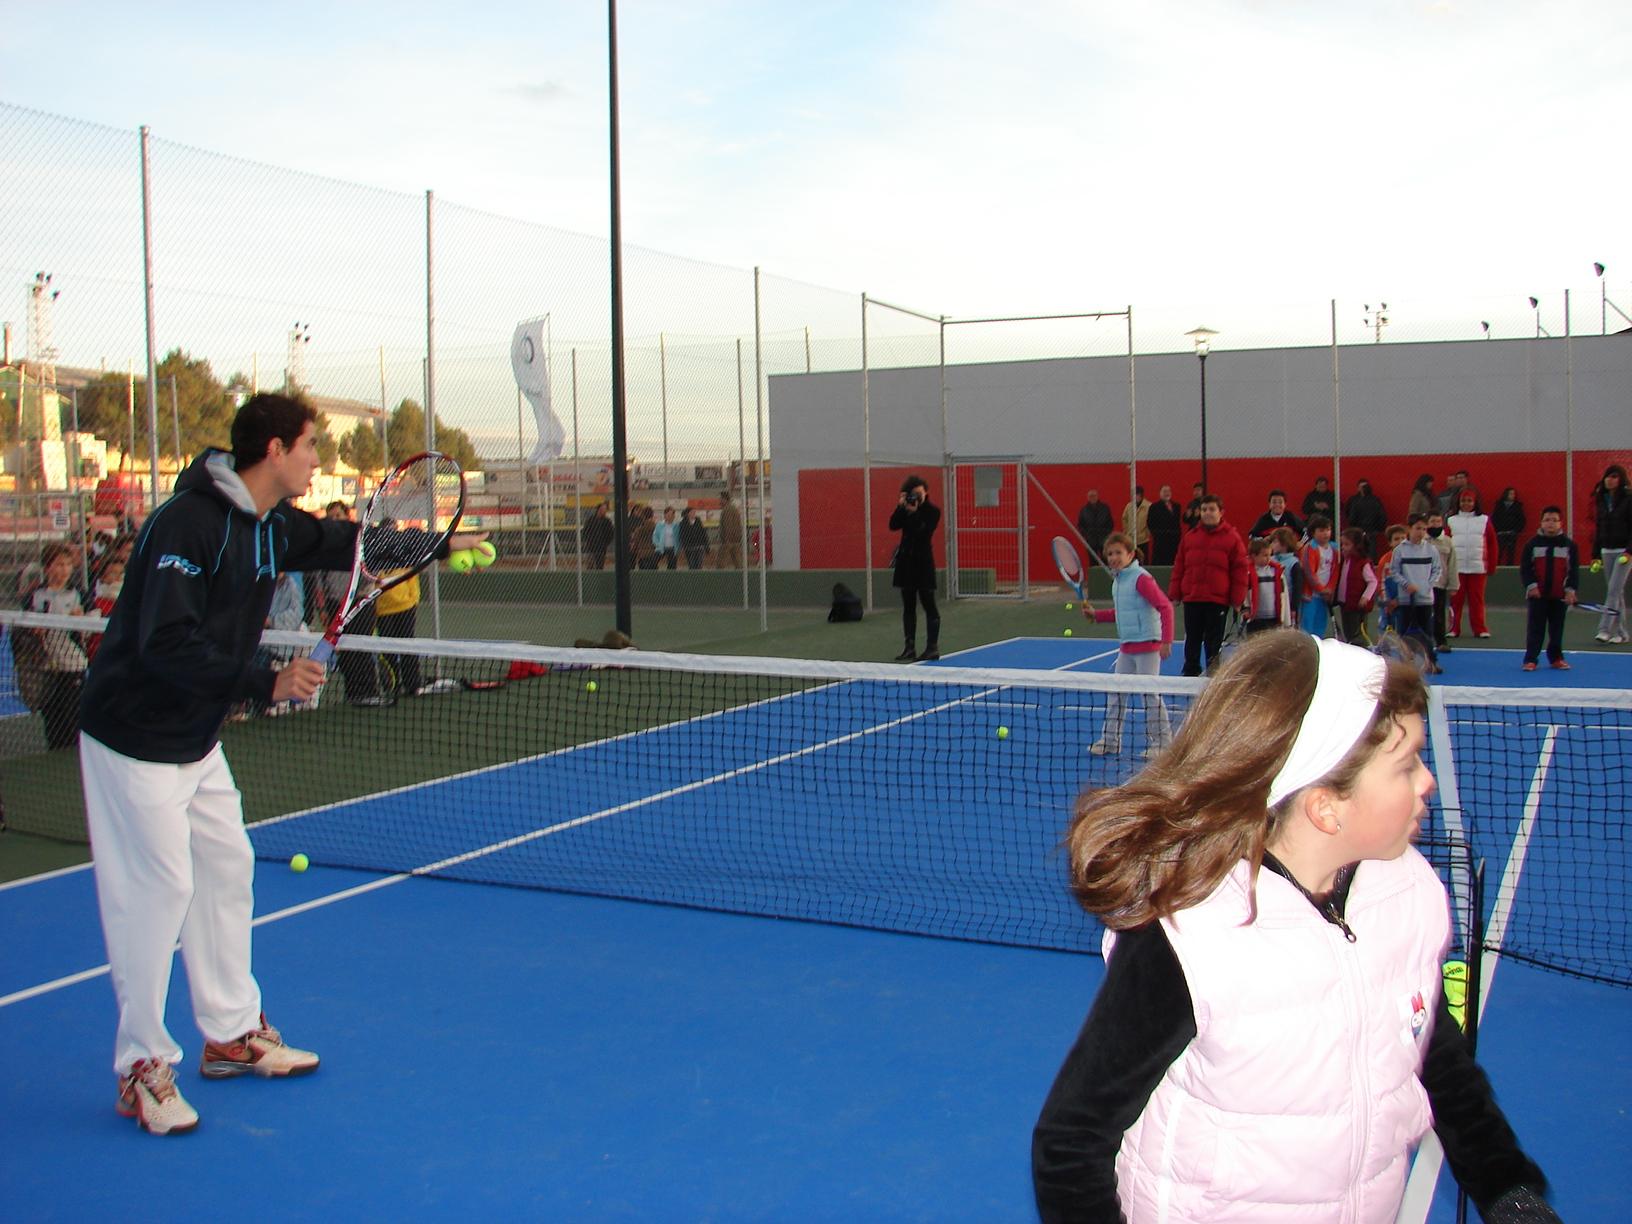 Guillermo Ofreciendo Algunos Consejos Al Alumnado De La Escuela De Tenis Rodense